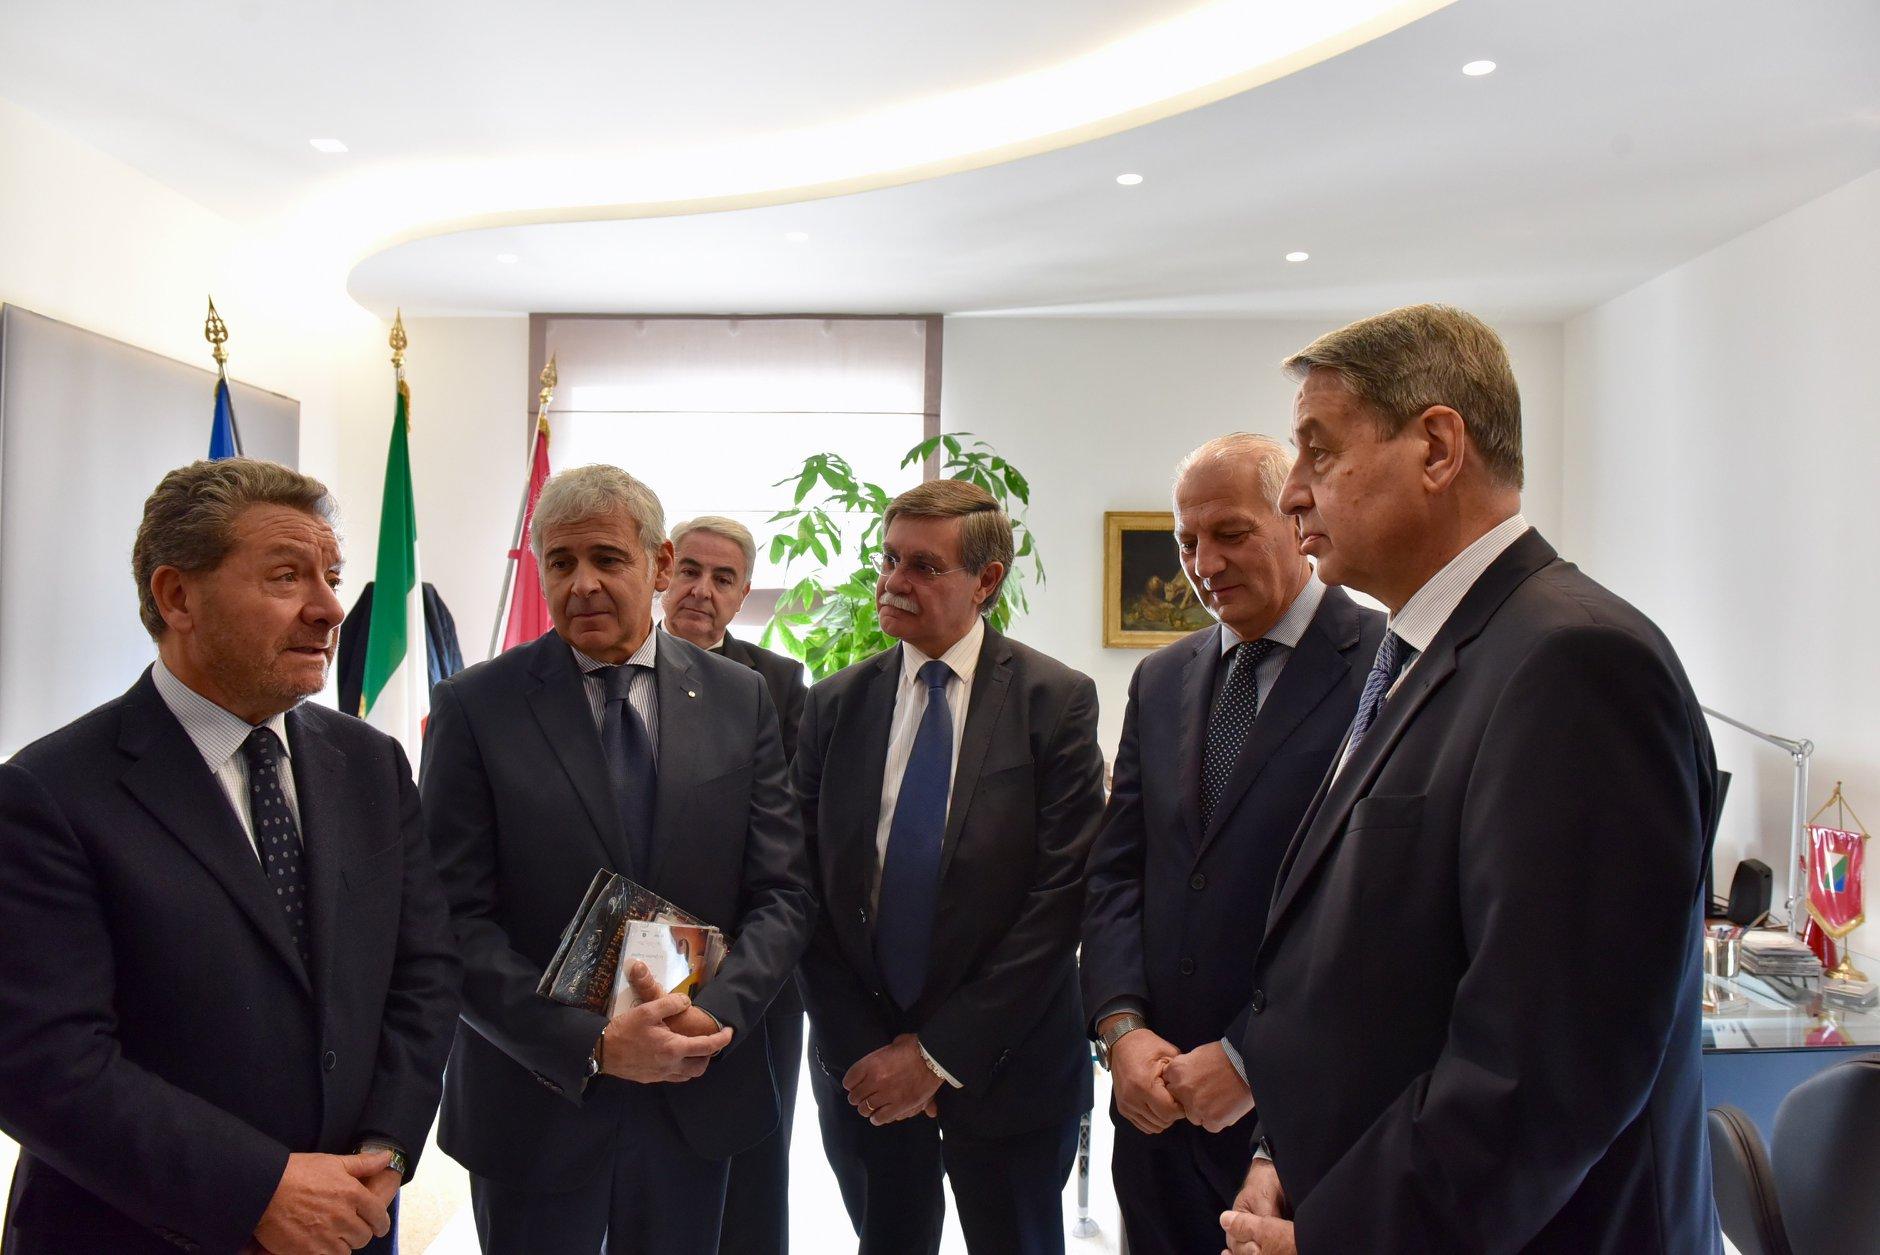 """Visita dell'ambasciatore della Federazione Russa Alexander Avdeev presso la Santa Sede, Di Pangrazio """"legame più forte dopo il terremoto"""""""